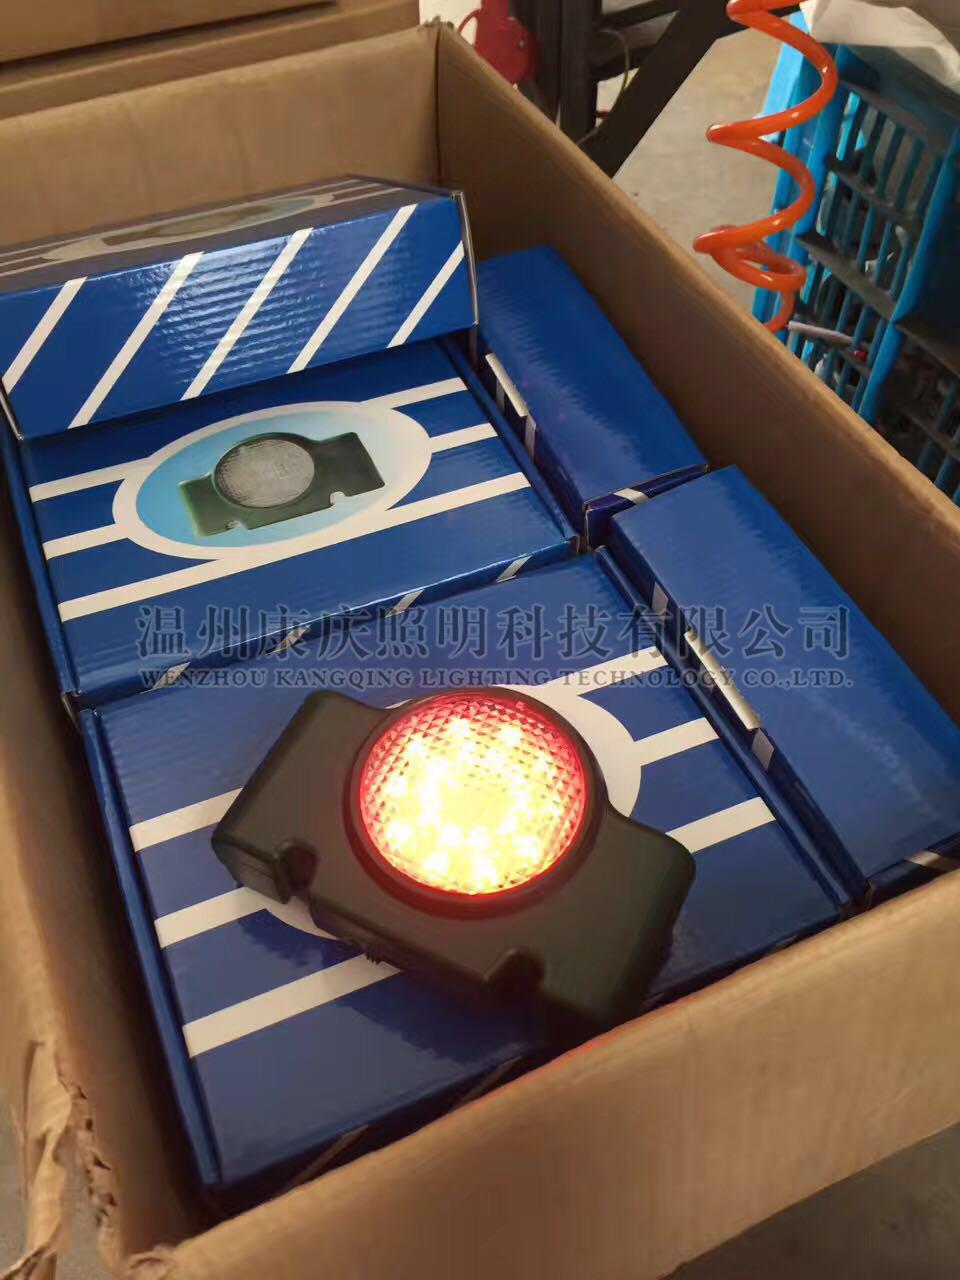 厂家直销ZXT4810远程方位灯 红光方位灯 海洋王同款FL4810图片